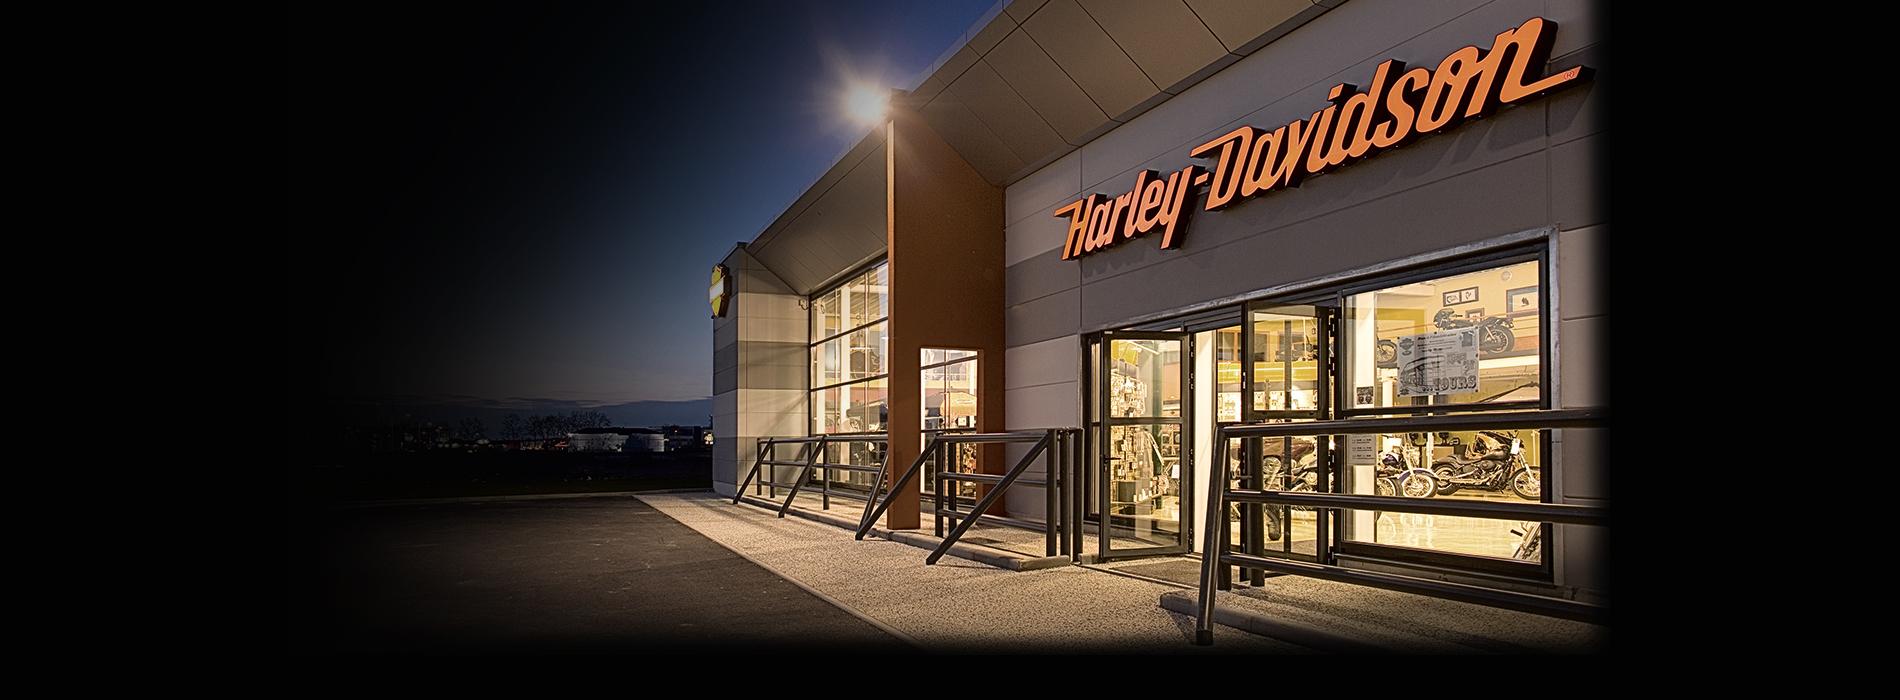 Η Harley-Davidson® αναζητά νέους αντιπροσώπους στην Ελλάδα 8f72ec1cbb4